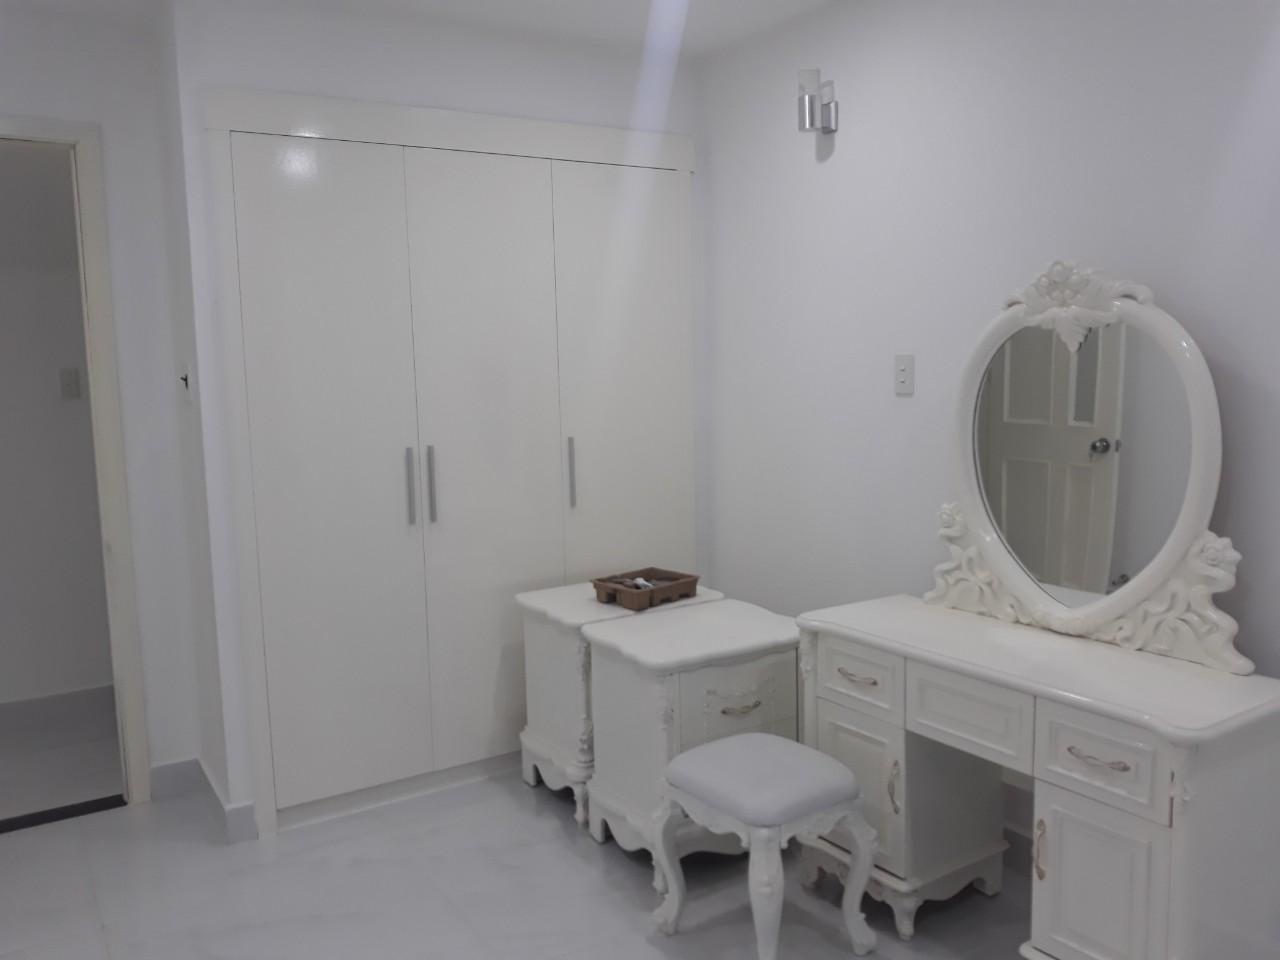 Thiết kế nội thất phòng ngủ giá rẻ